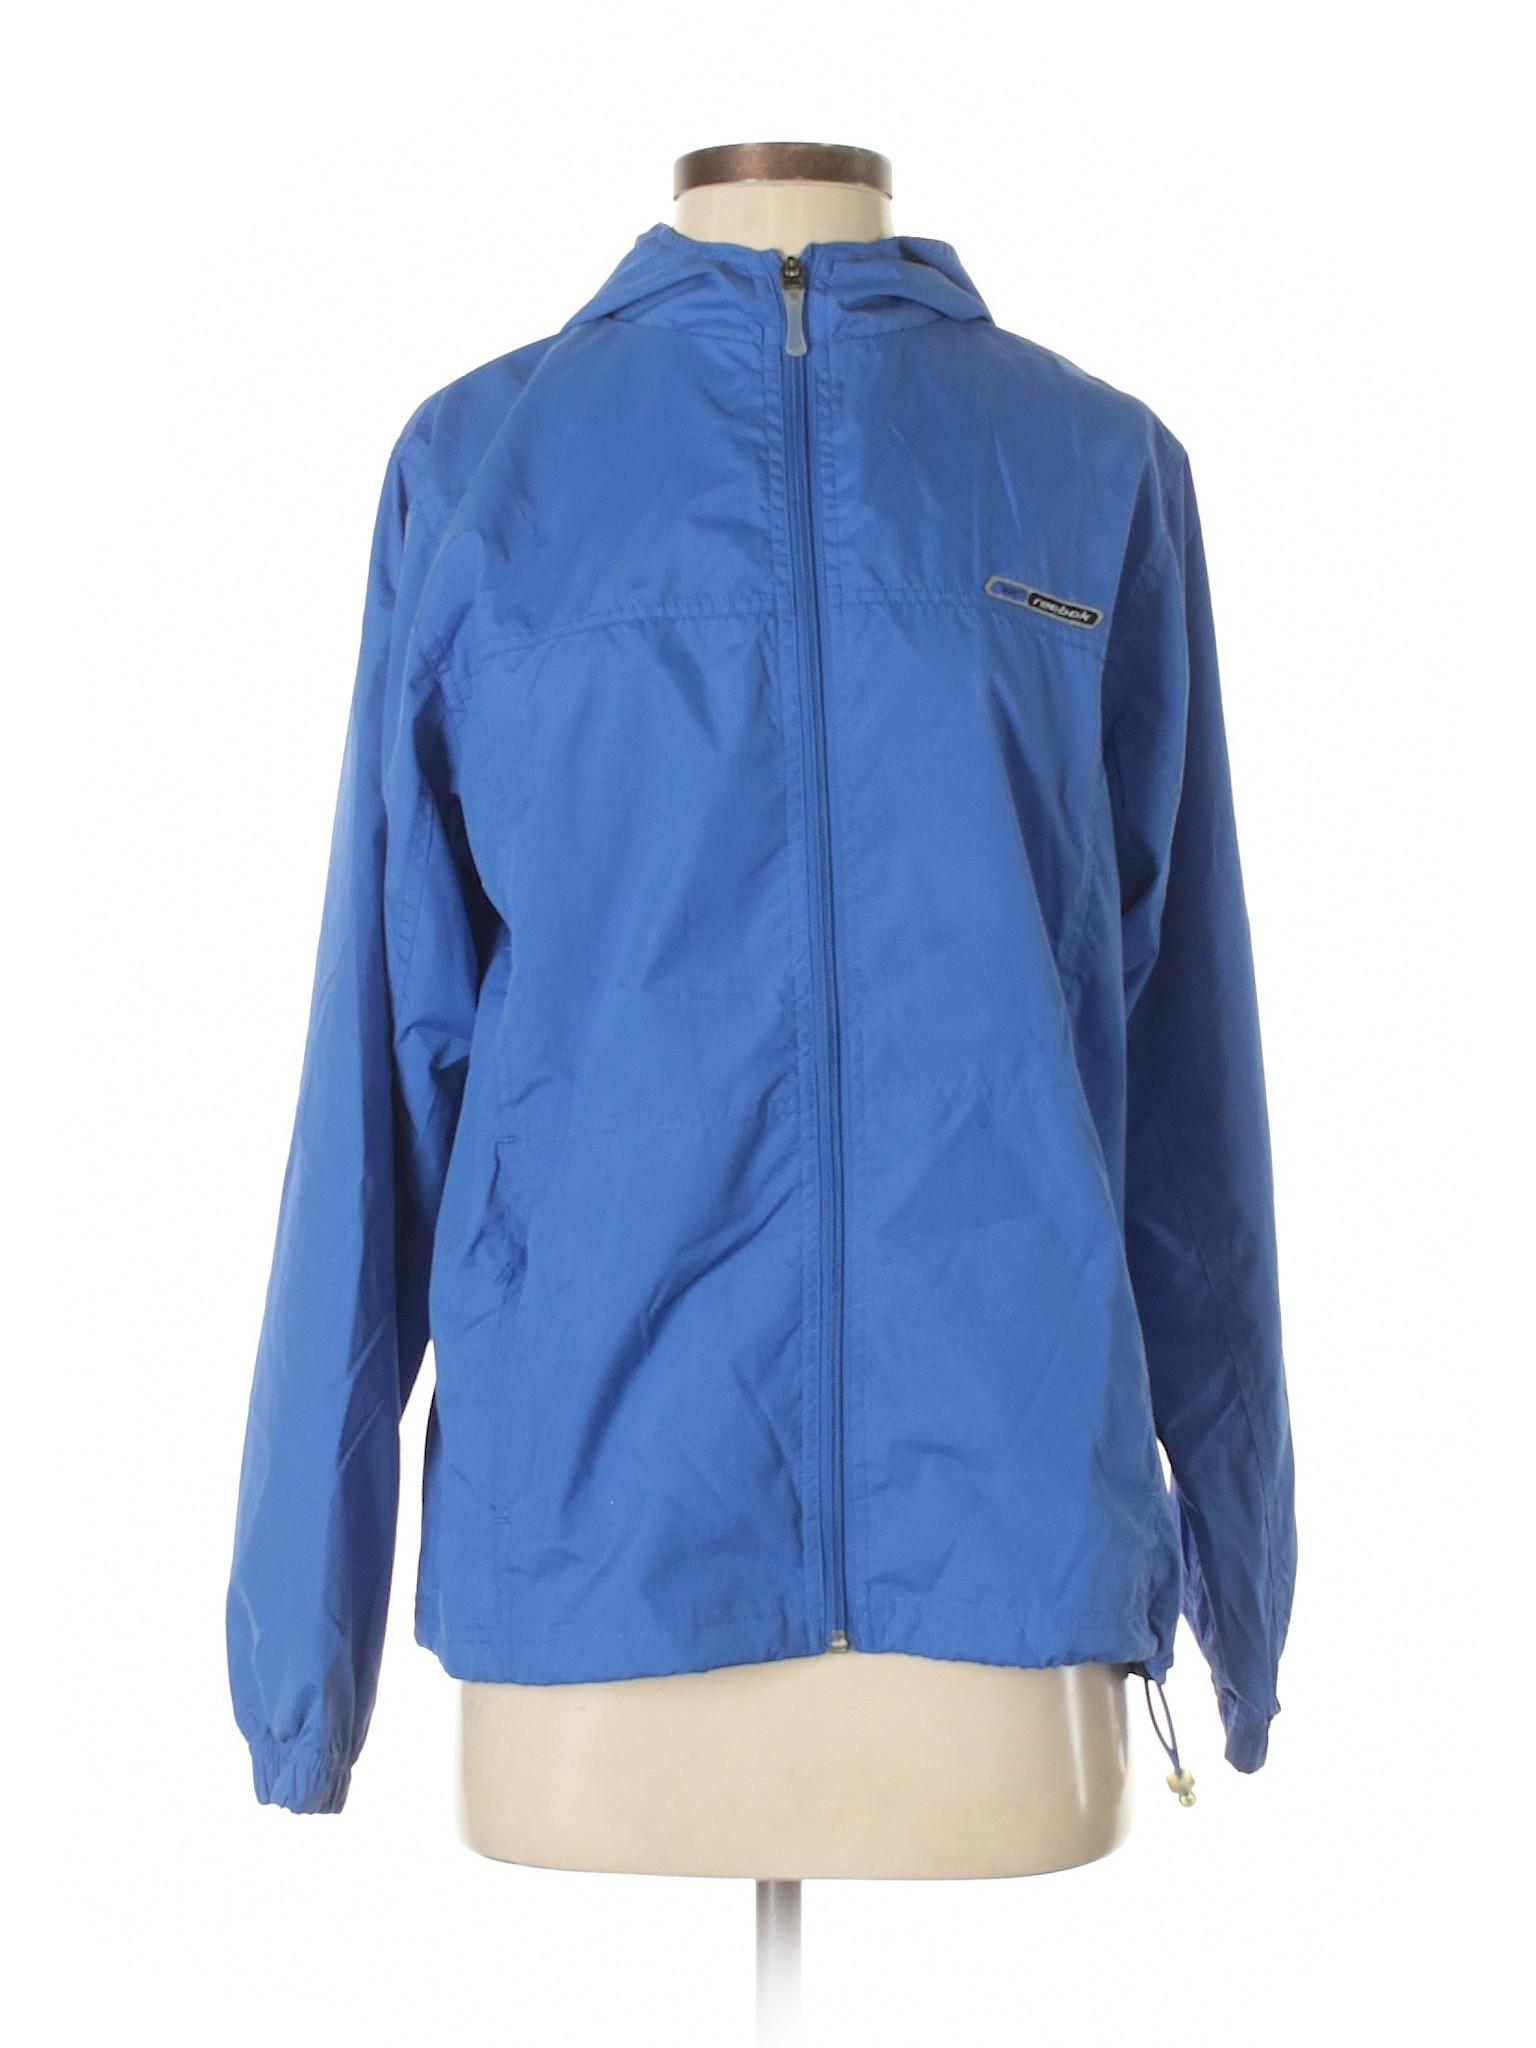 Boutique leisure Boutique leisure Jacket Reebok Track 67nHr6fqEw